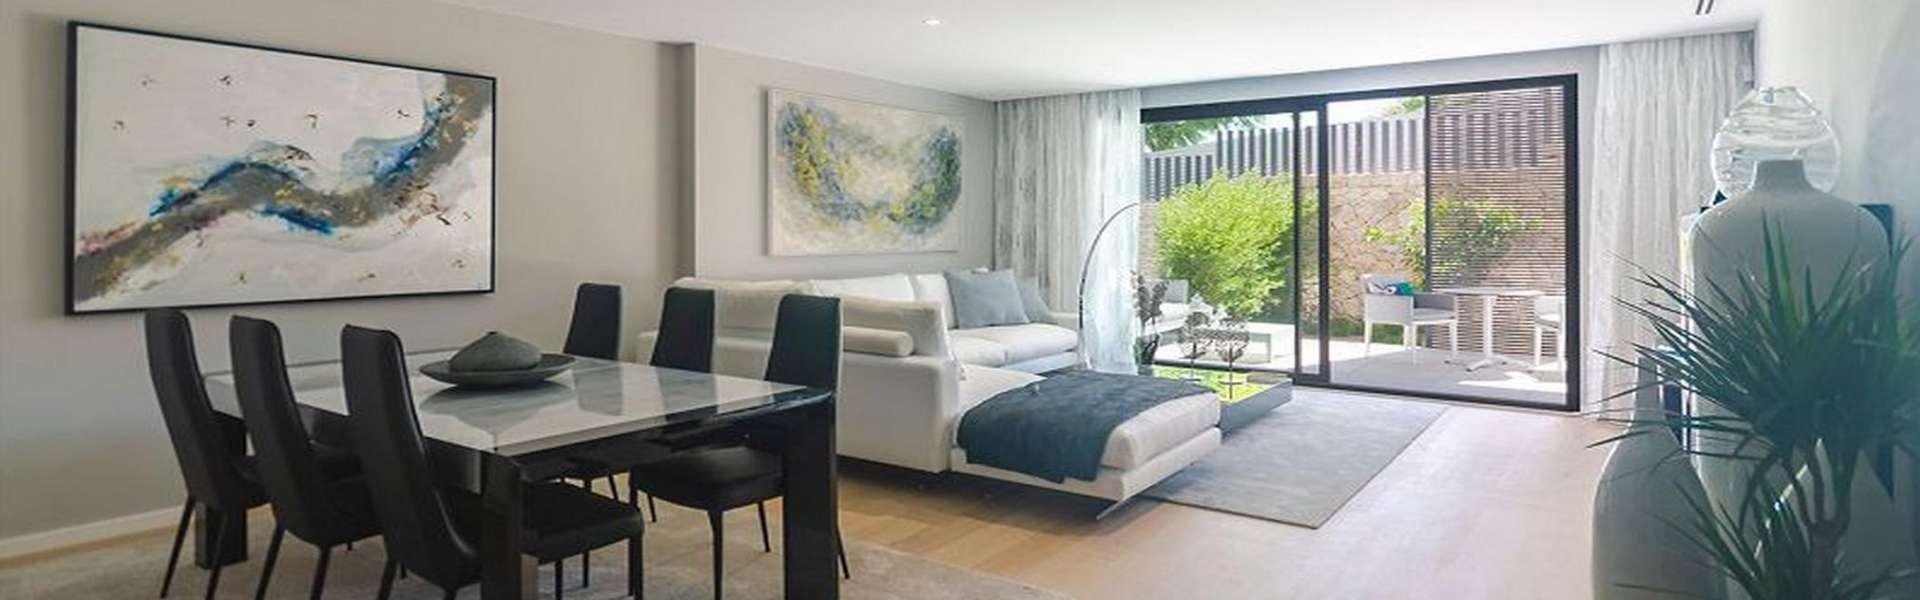 Palma/Golfplatz Son Quint – Moderne Apartments/Penthäuser in schöner Lage